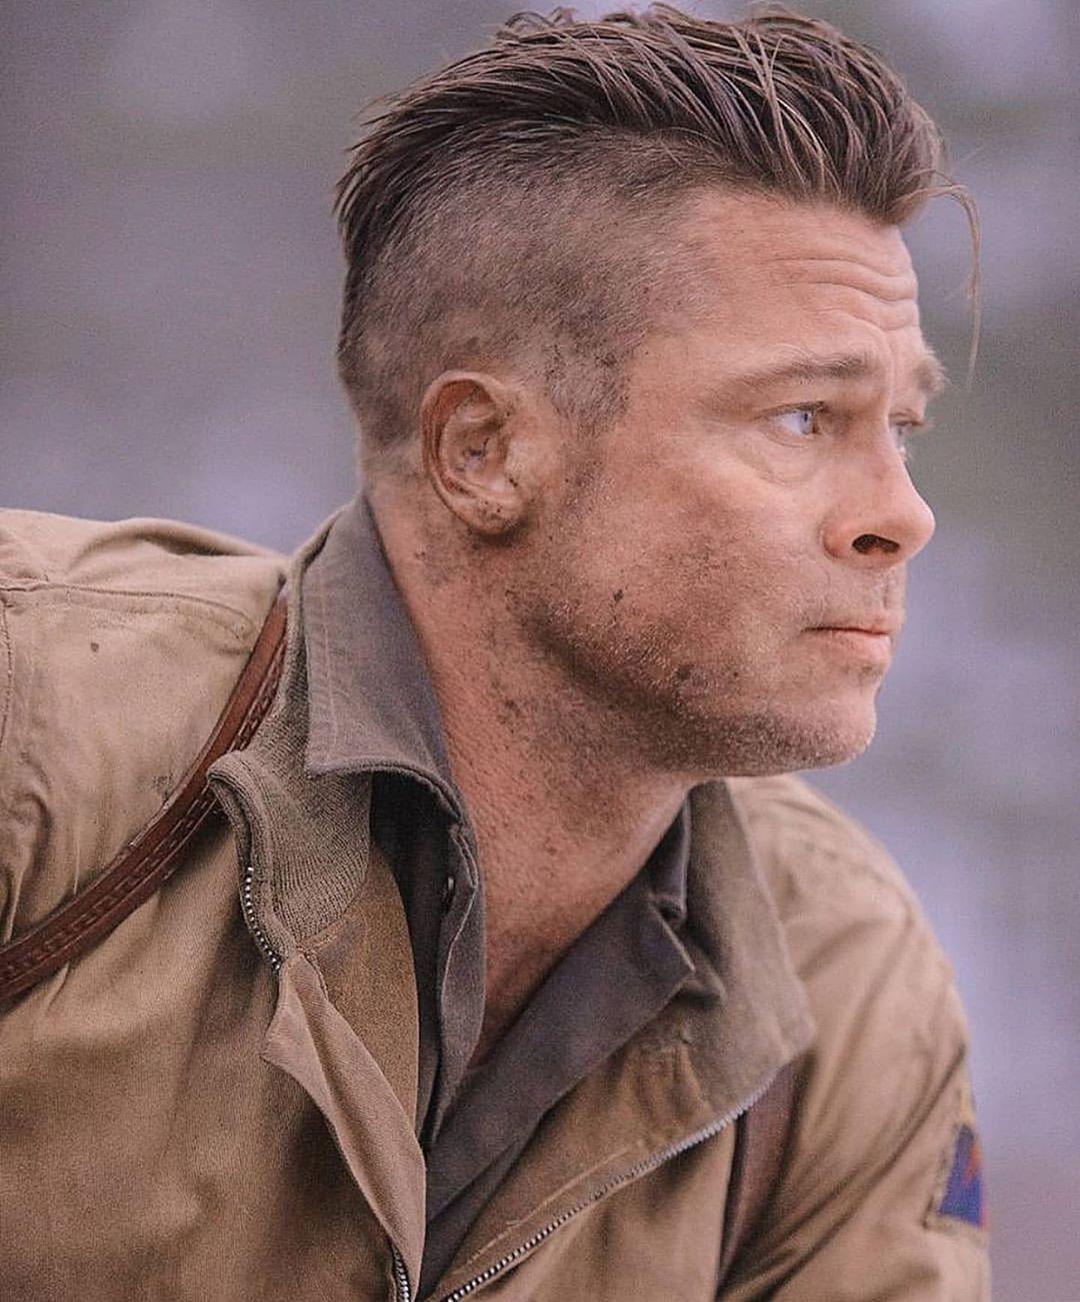 Brad Pitt dans Fury, avec des cheveux gominés et une sous-coupe.